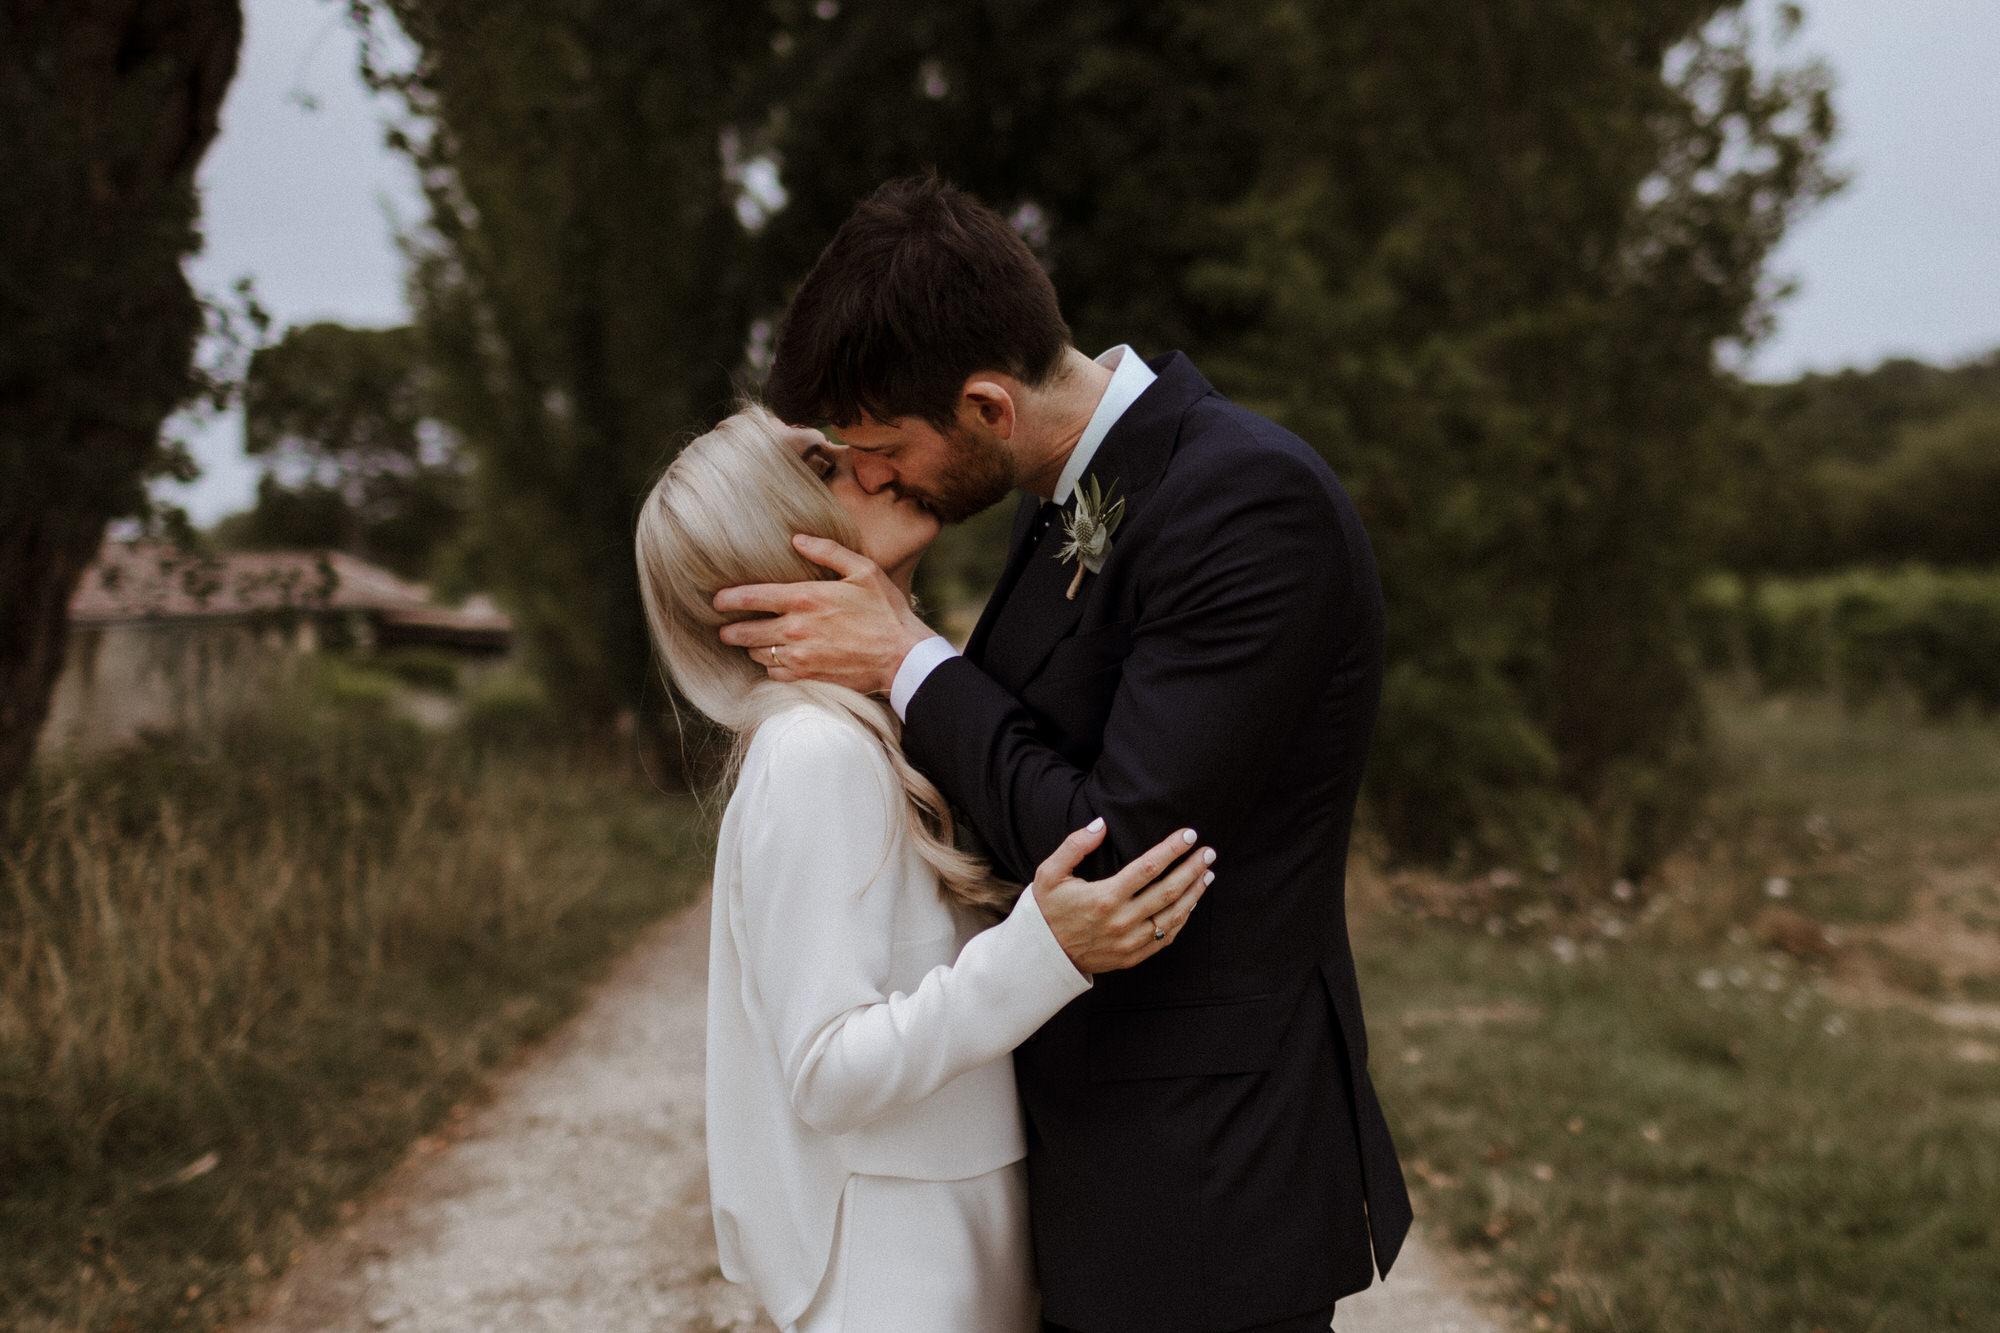 Chateau Rigaud Wedding Photography 17-17-57-CQ2A3506-R+L.jpg